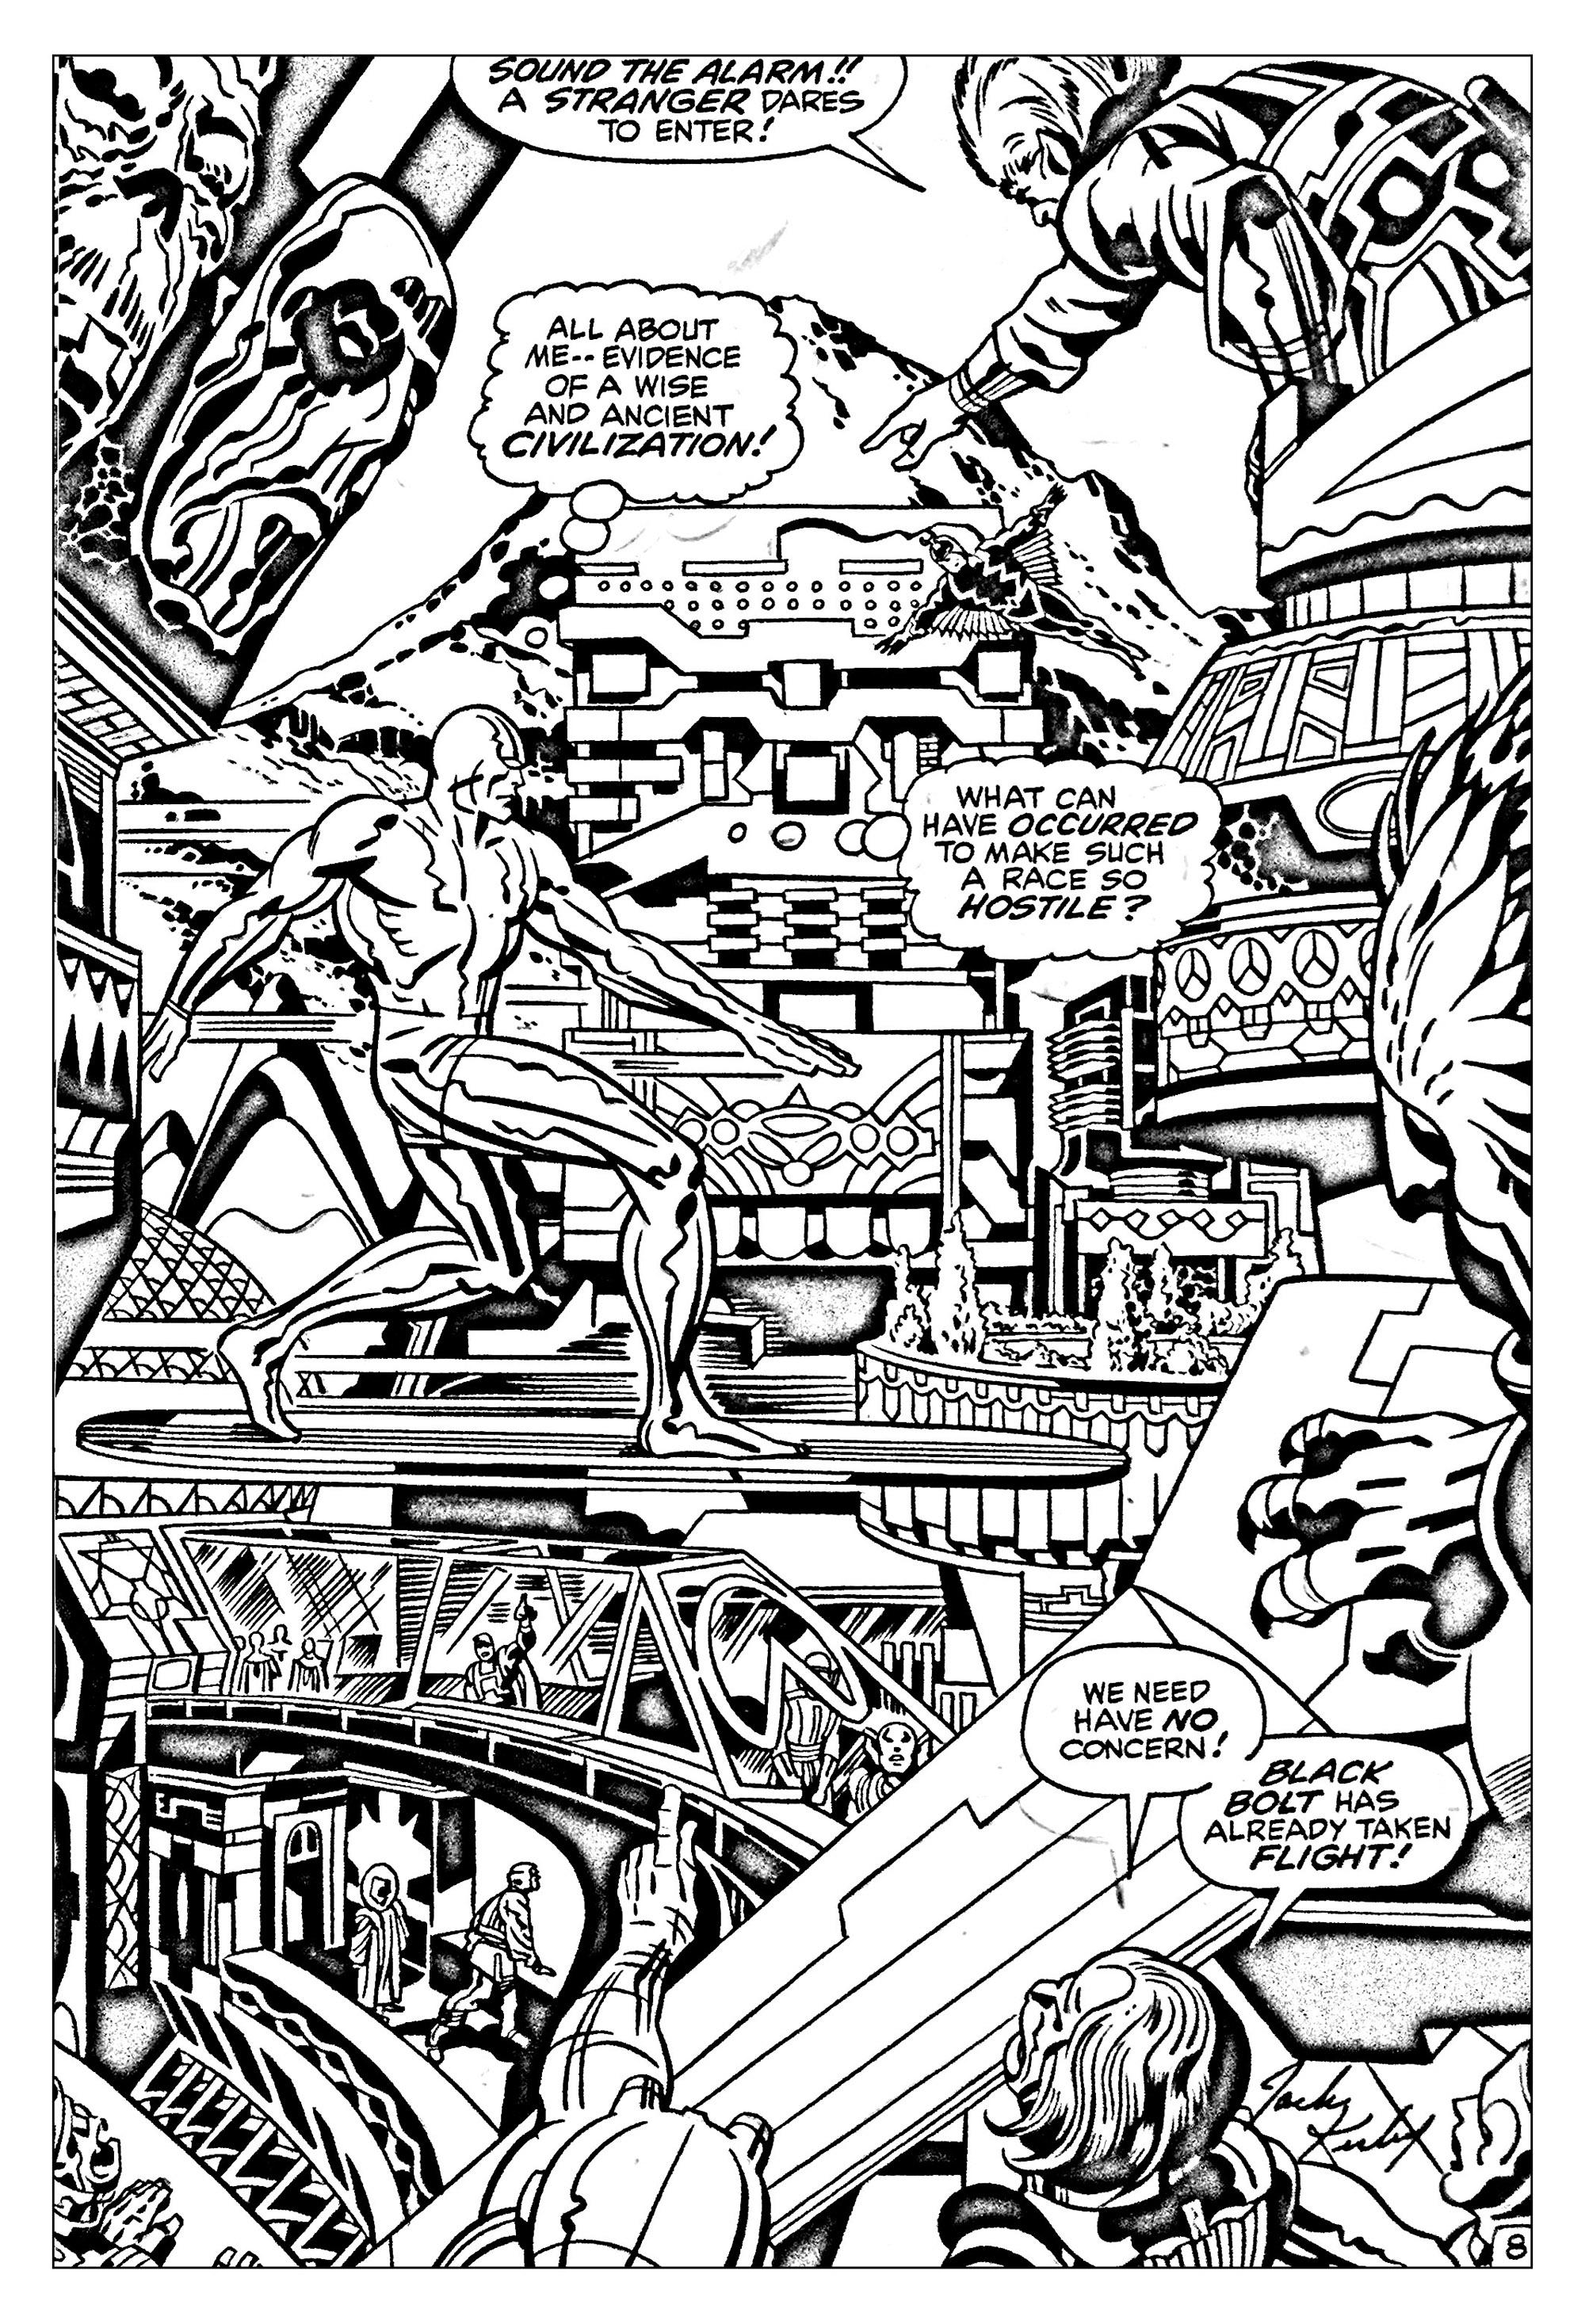 Coloriage créé à partir d'un dessin tiré d'un Comic 'Les quatre fantastique' (années 60) (Source : Jack Kirby, King of comics)A partir de la galerie : Livres Et Comics